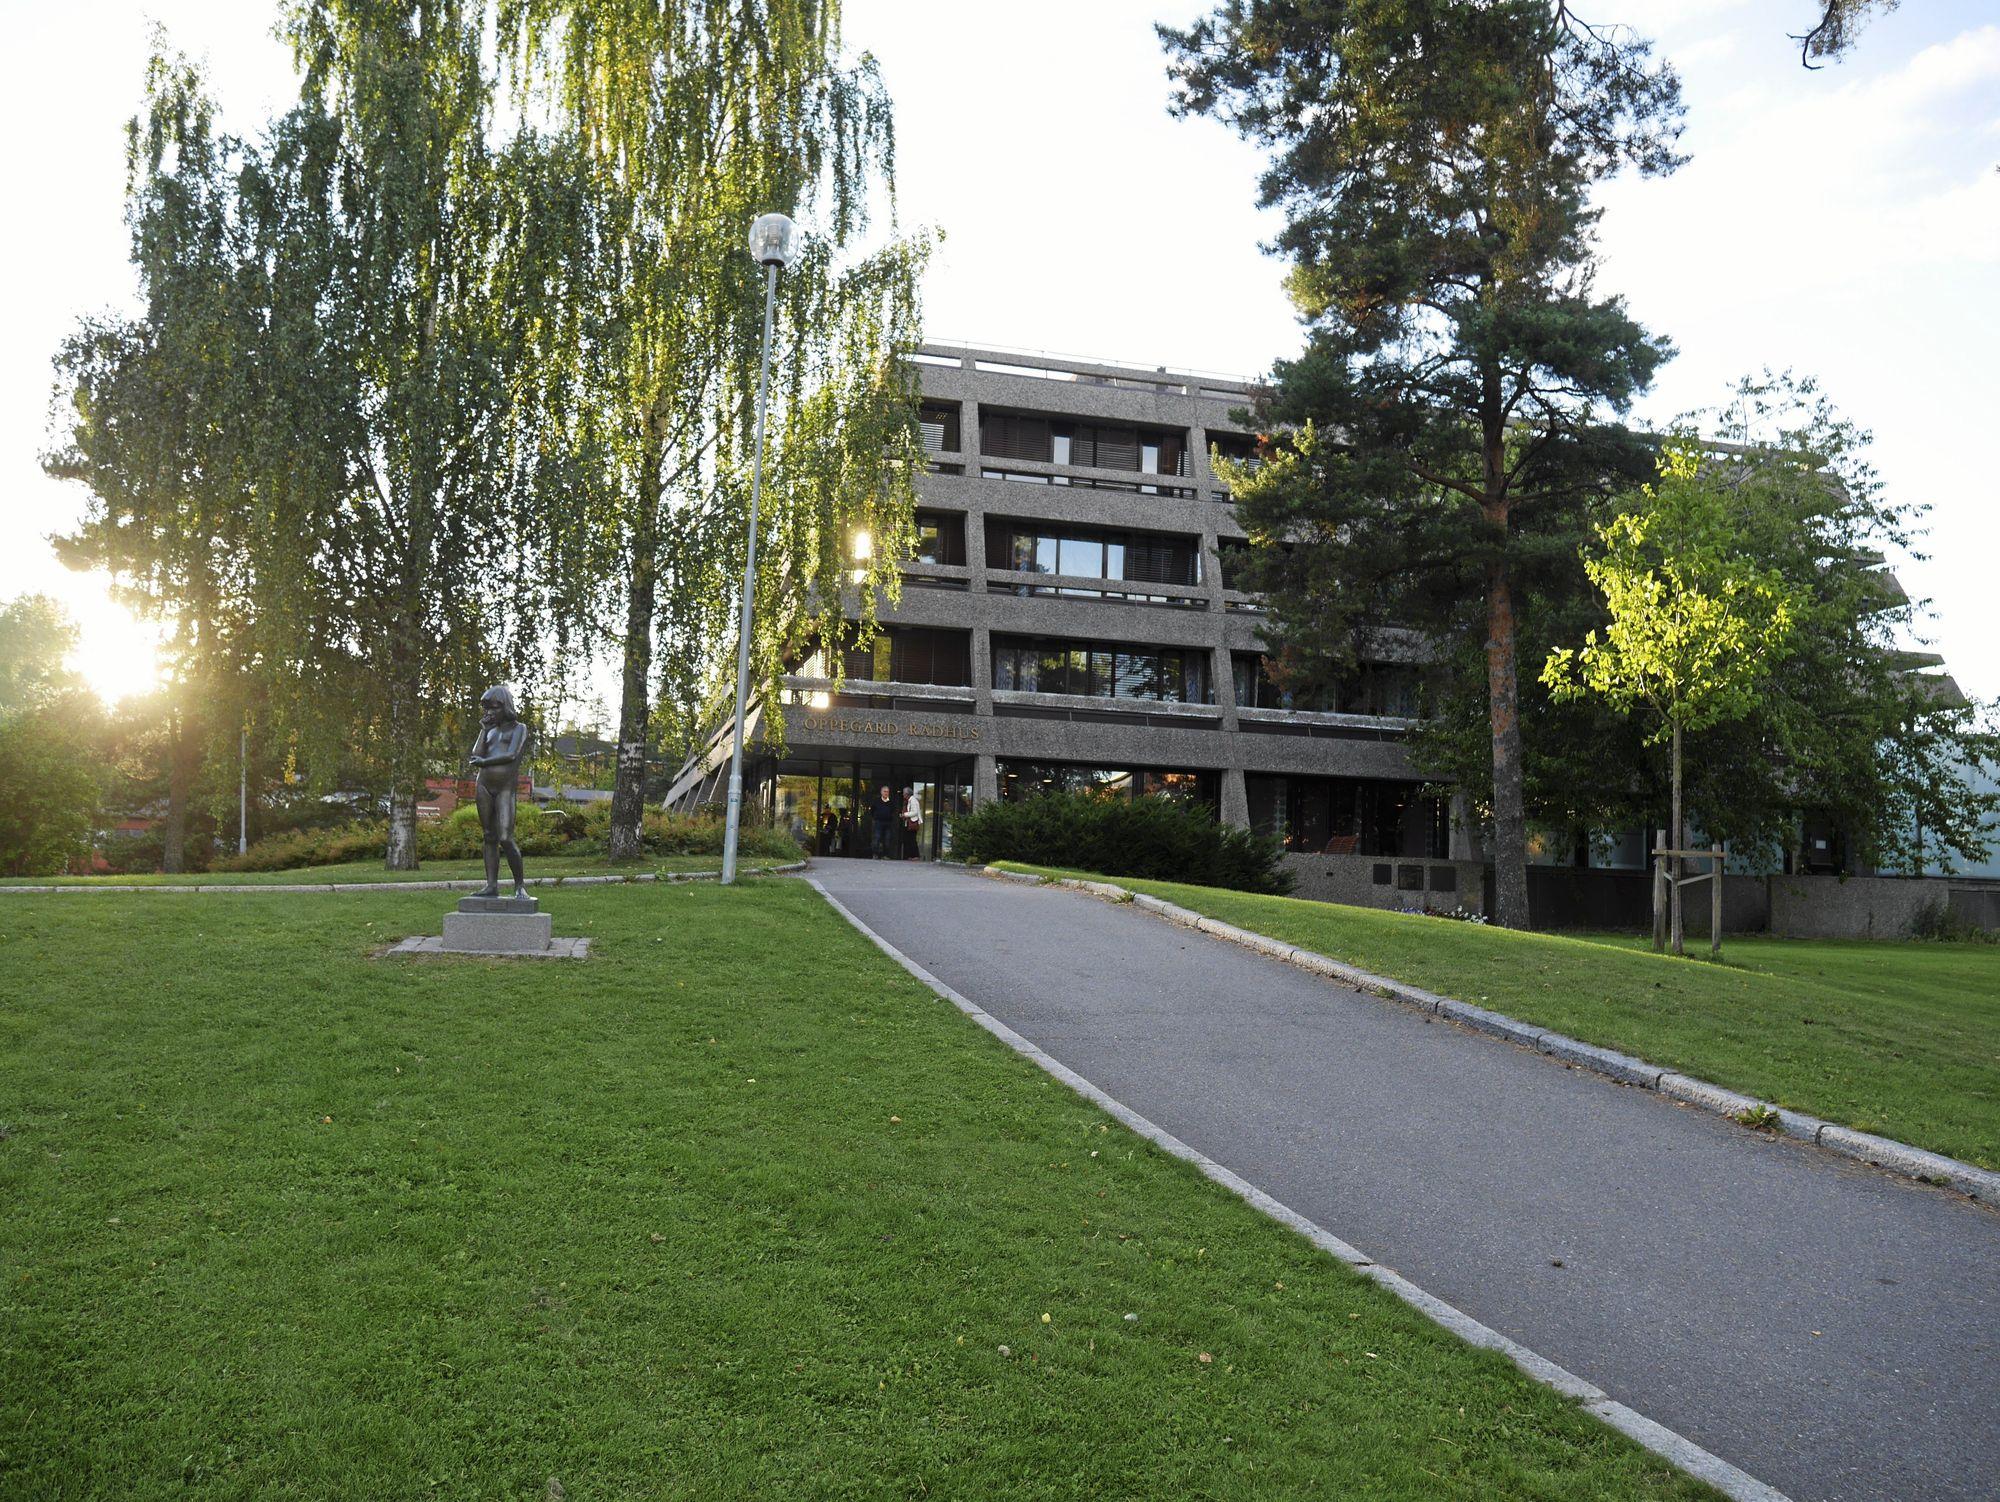 38 ÅR GAMMELT: Oppegård rådhus ble oppført i 1978. Foto: Yana Stubberudlien.